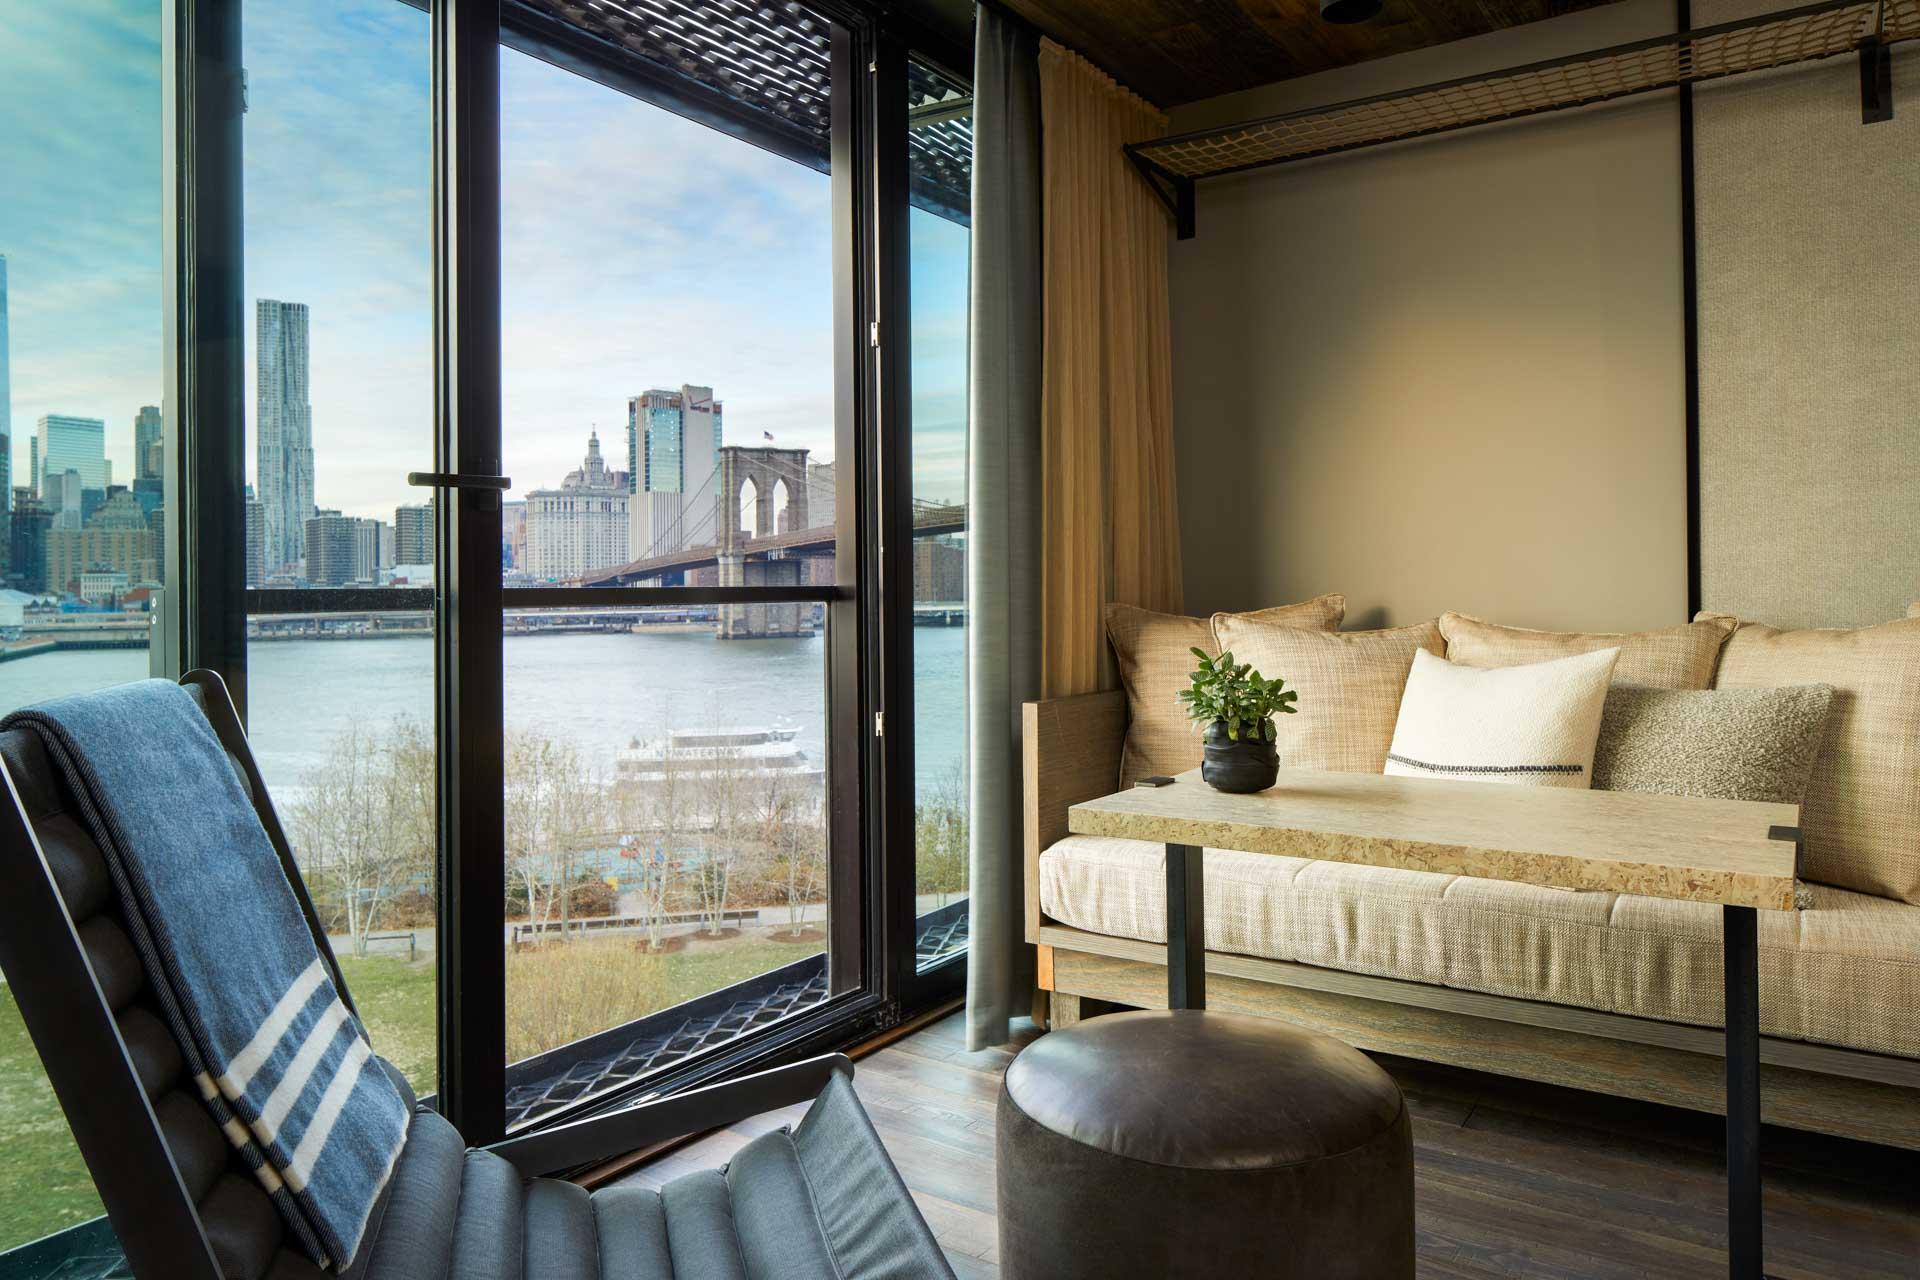 D'autres chambres et suites offrent, quant à elles, des vues à couper le souffle sur l'iconique Brooklyn Bridge